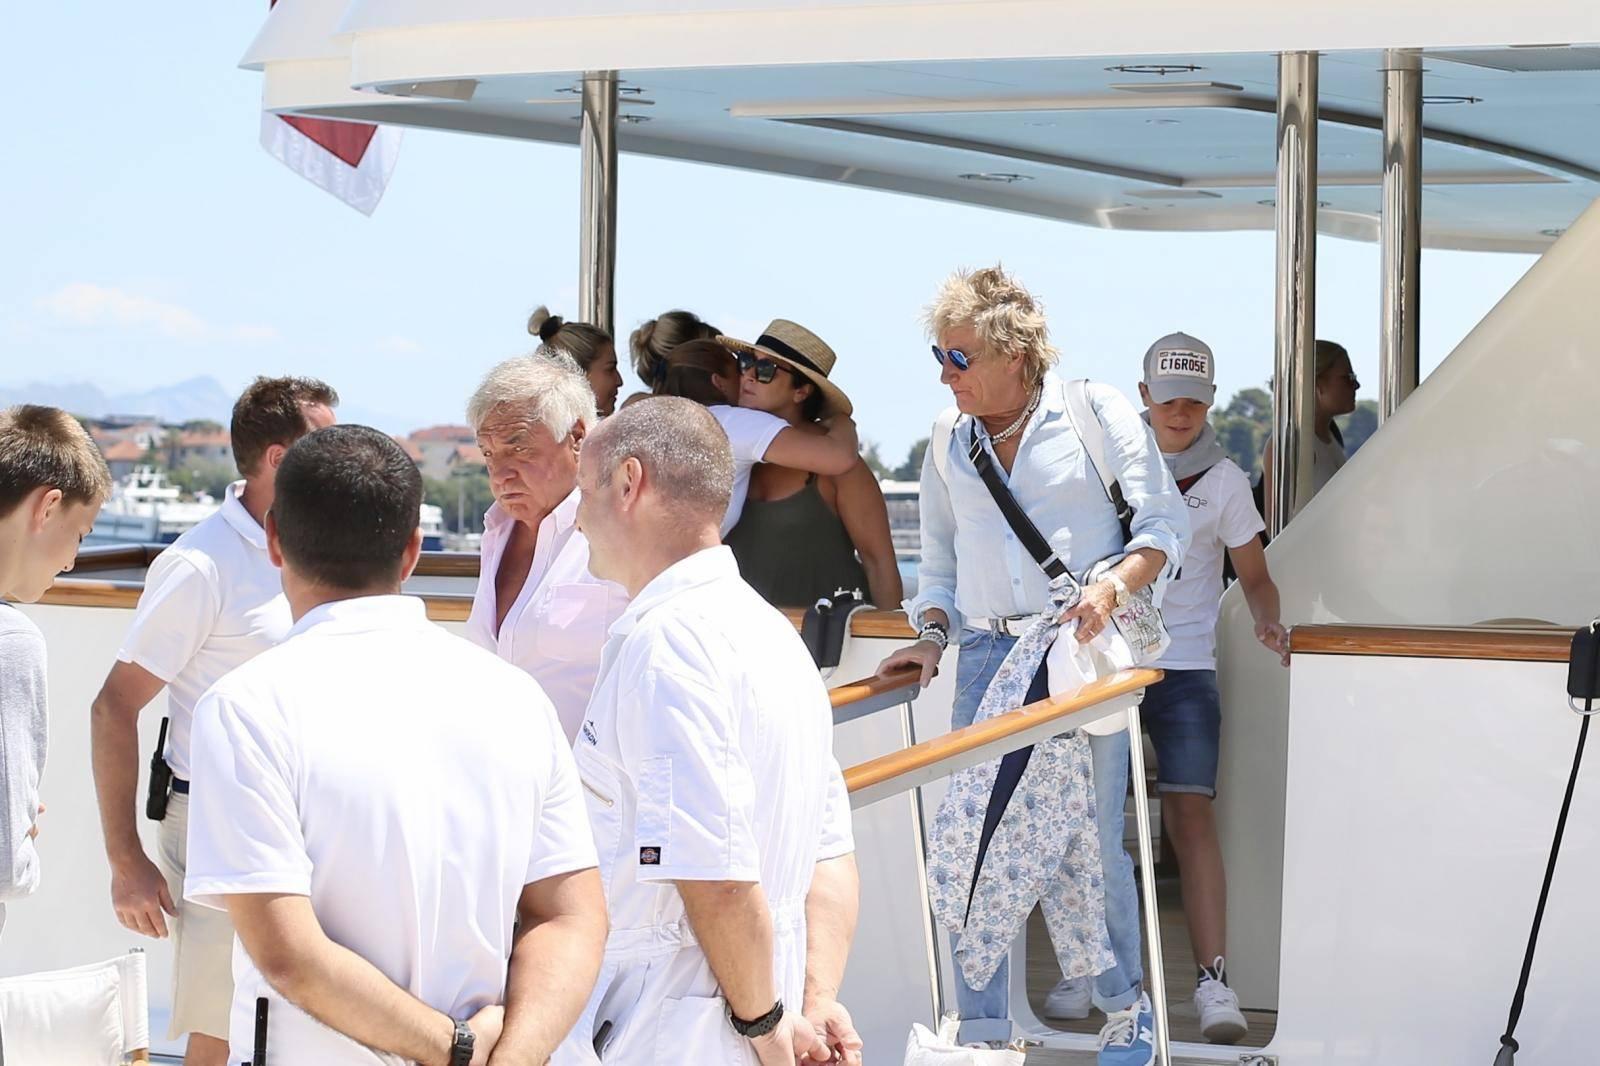 Rod Stewart na odlasku s broda poljubio ruke ženskoj posadi